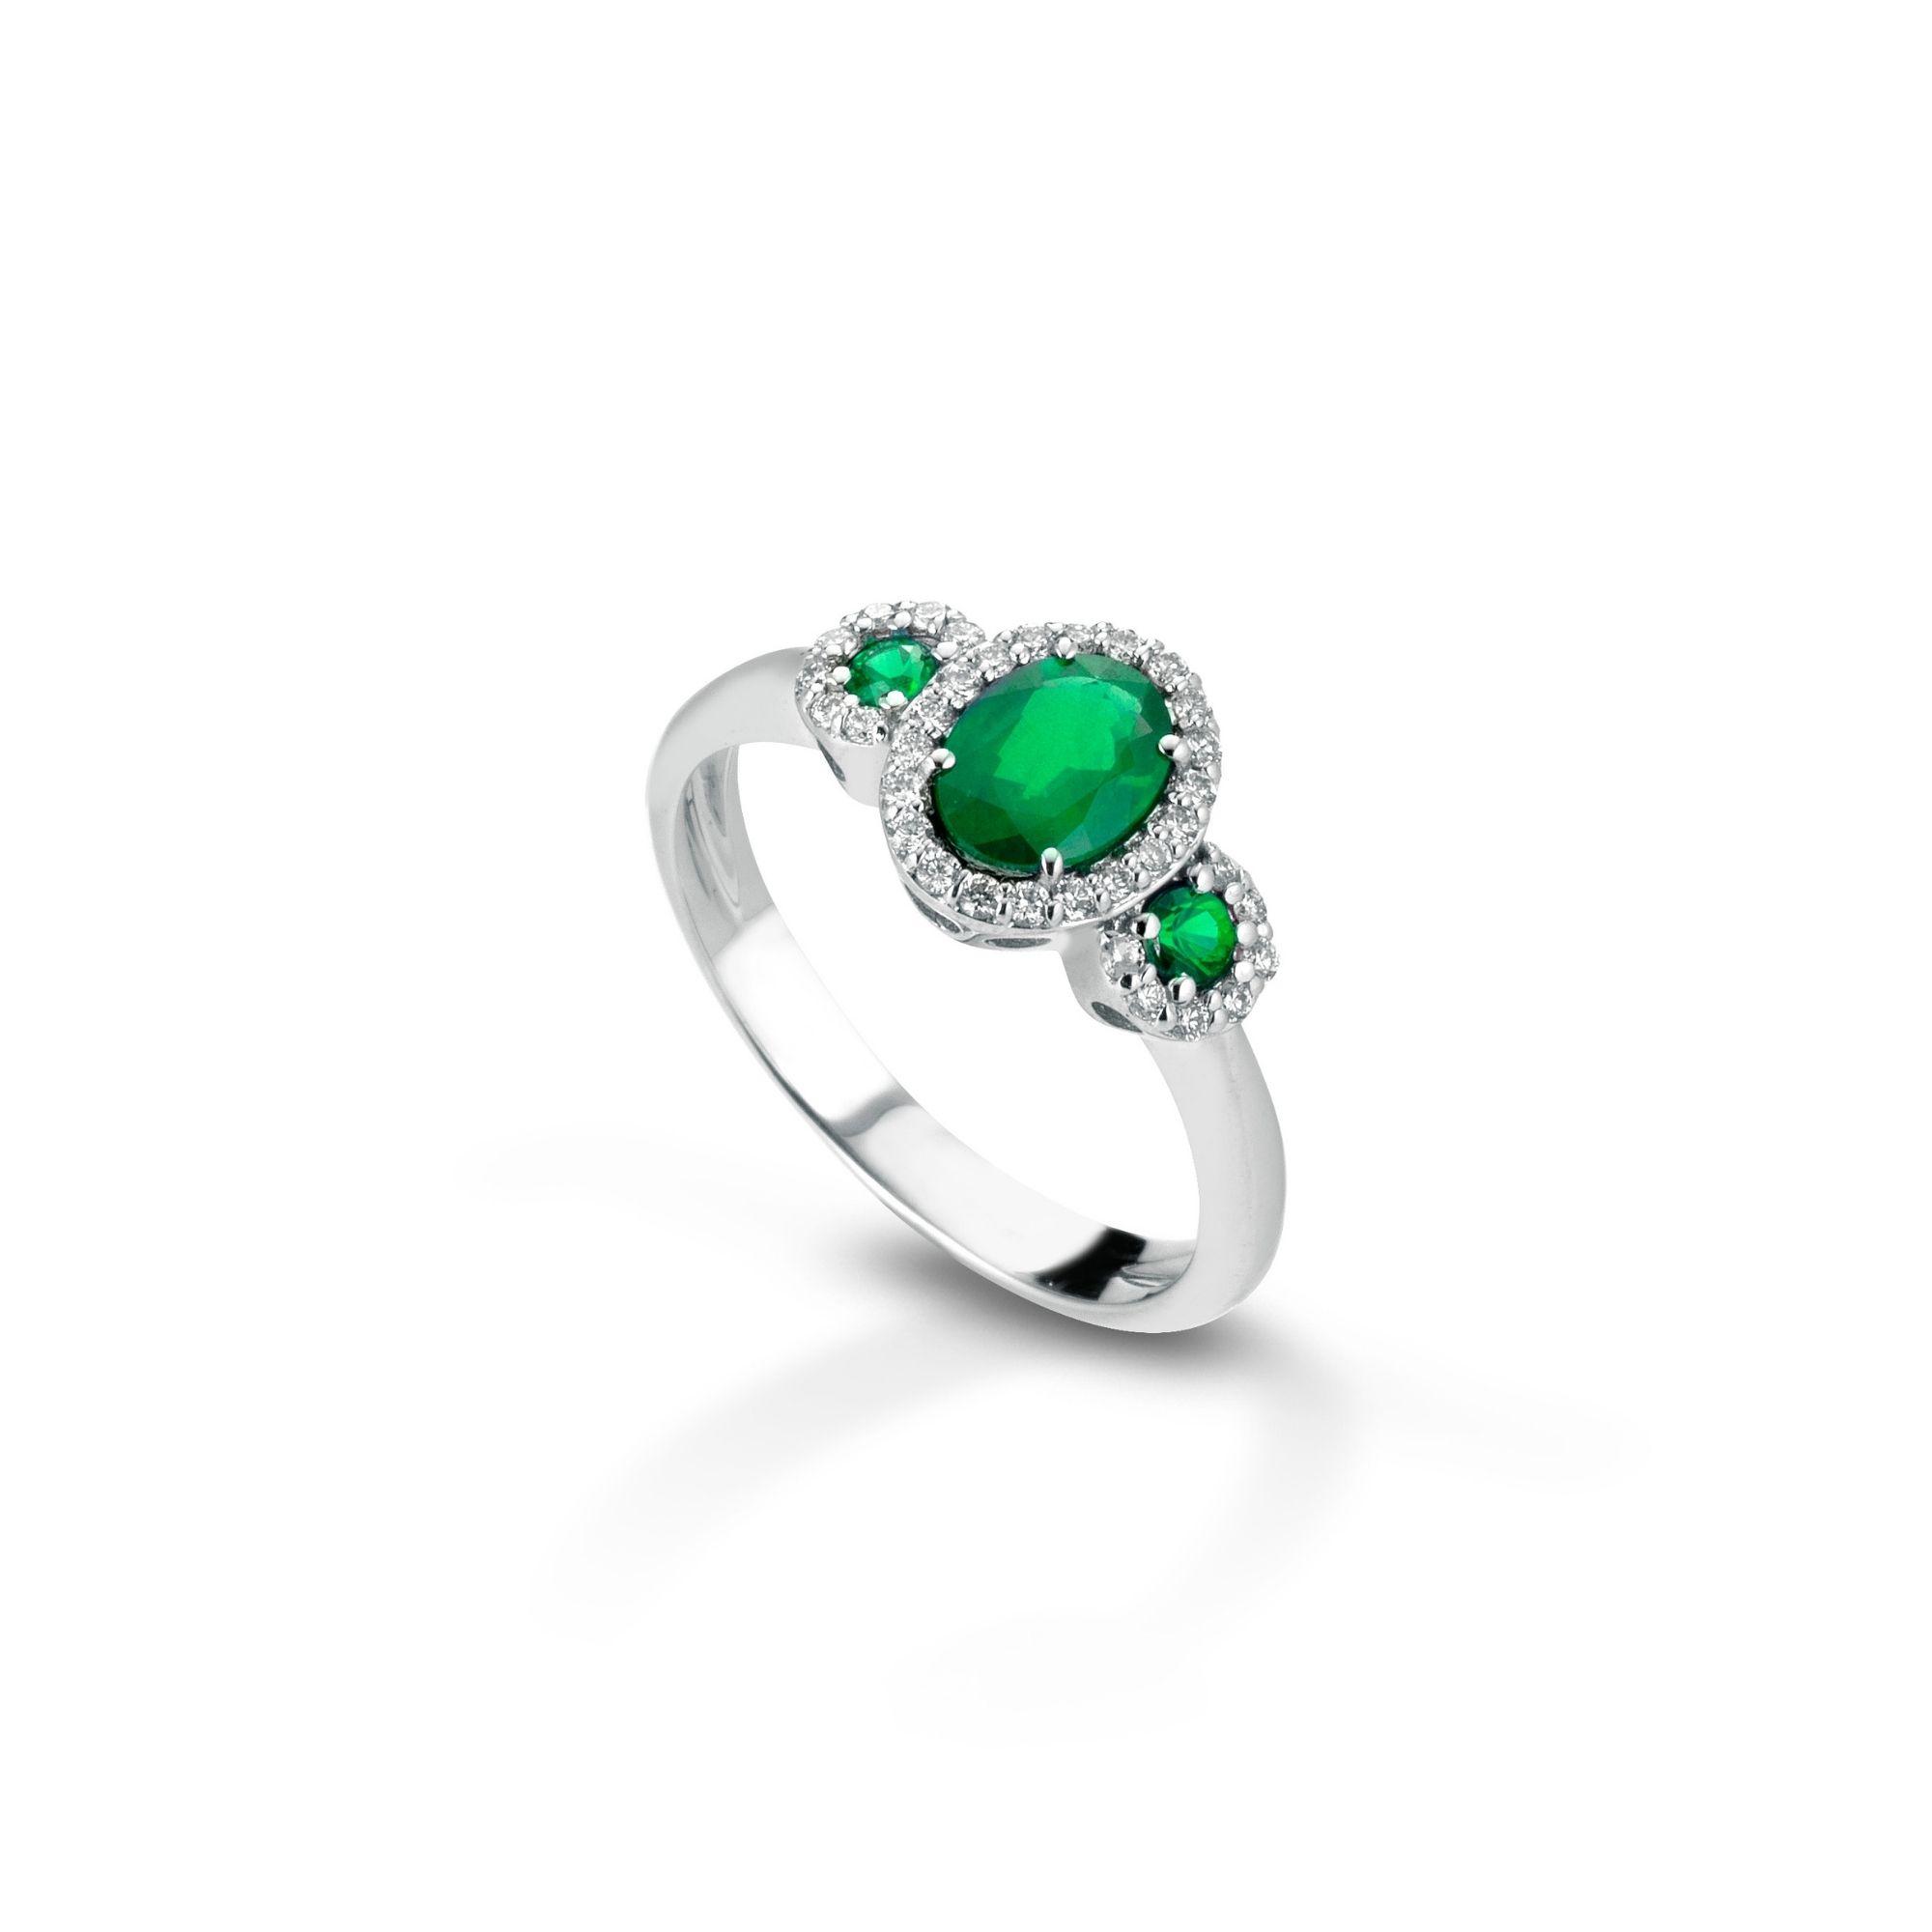 Anello con diamanti e smeraldi Ring with diamonds and emeralds sconto discount